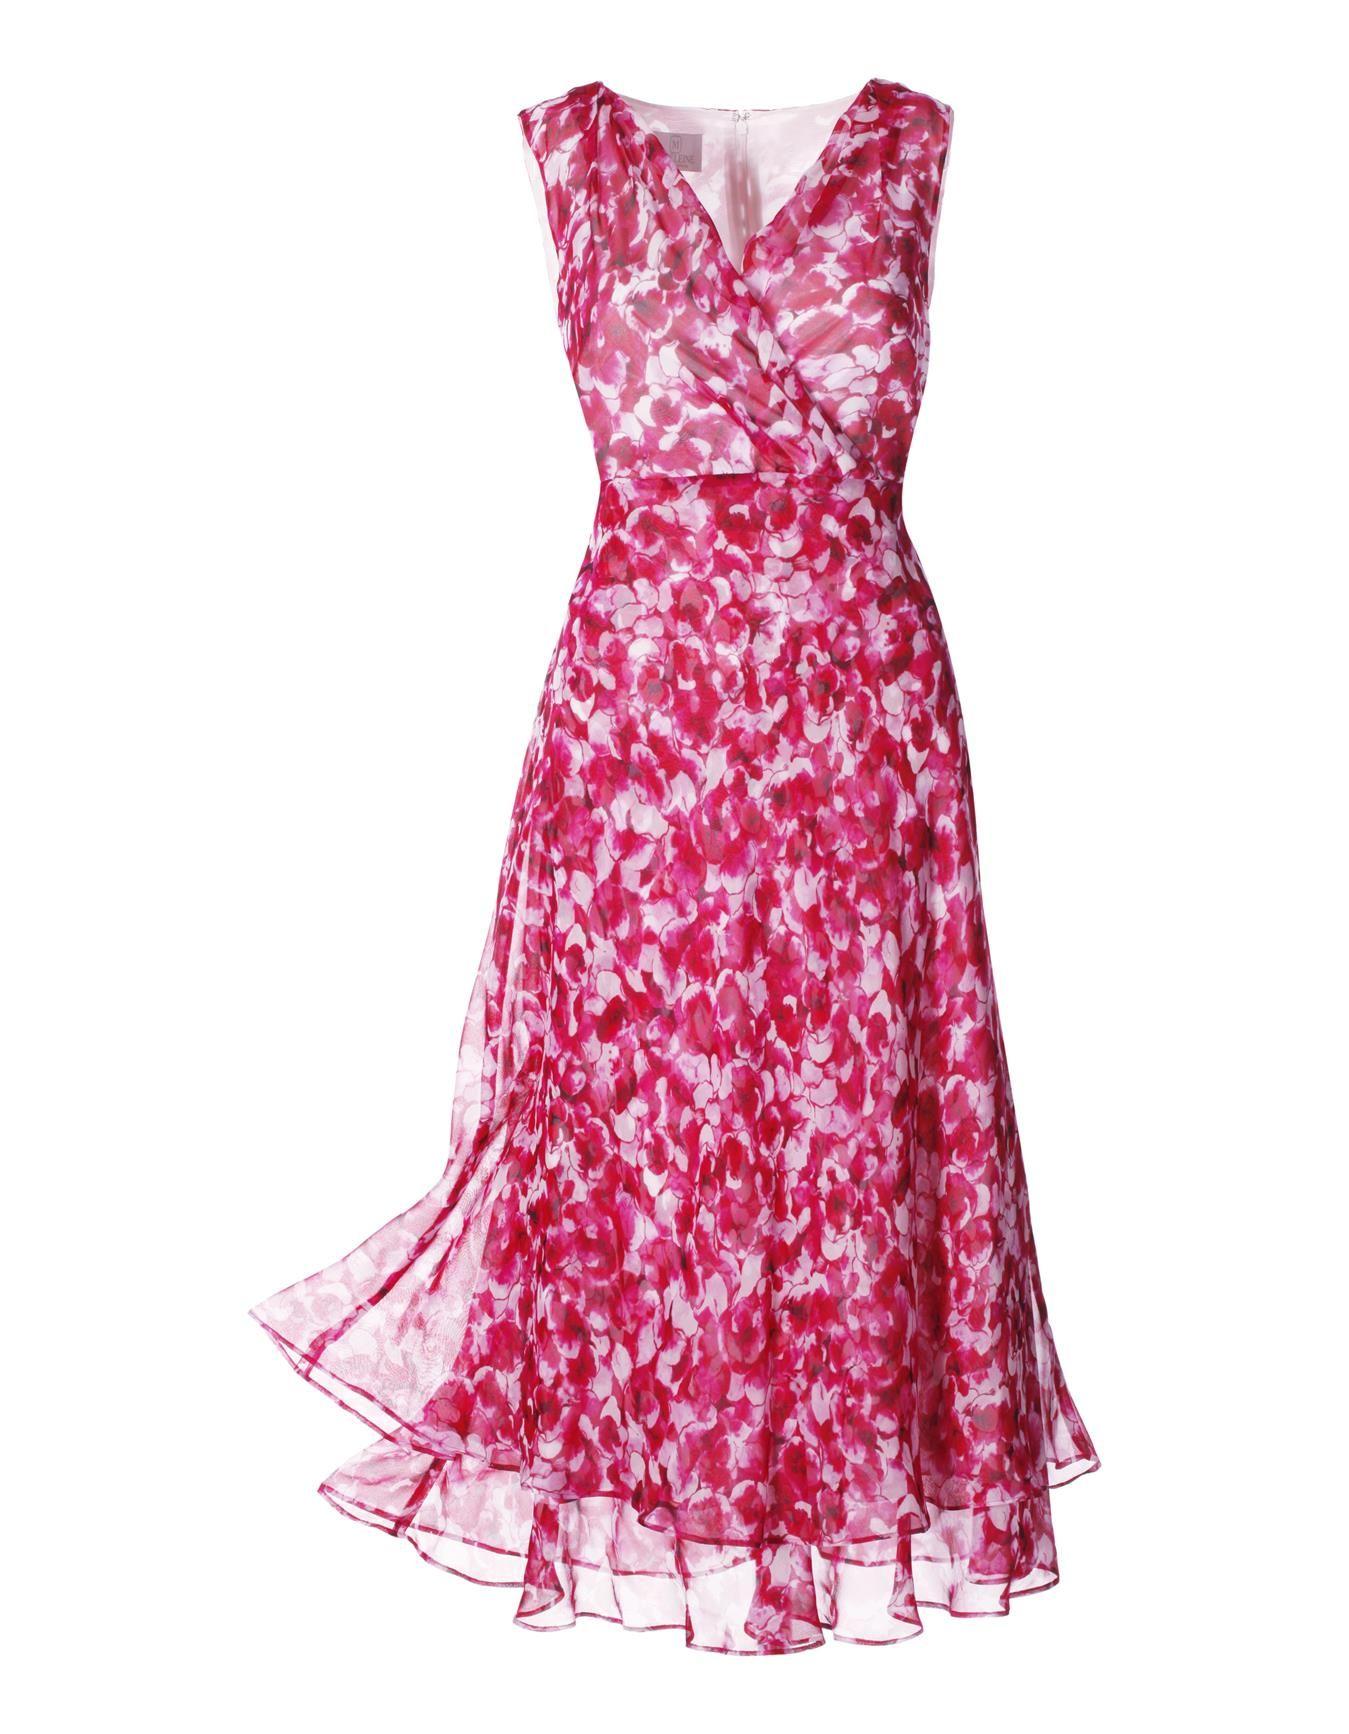 Kleid aus Seide in der Farbe fuchsia / weiß - pink, weiß, rot - im ...